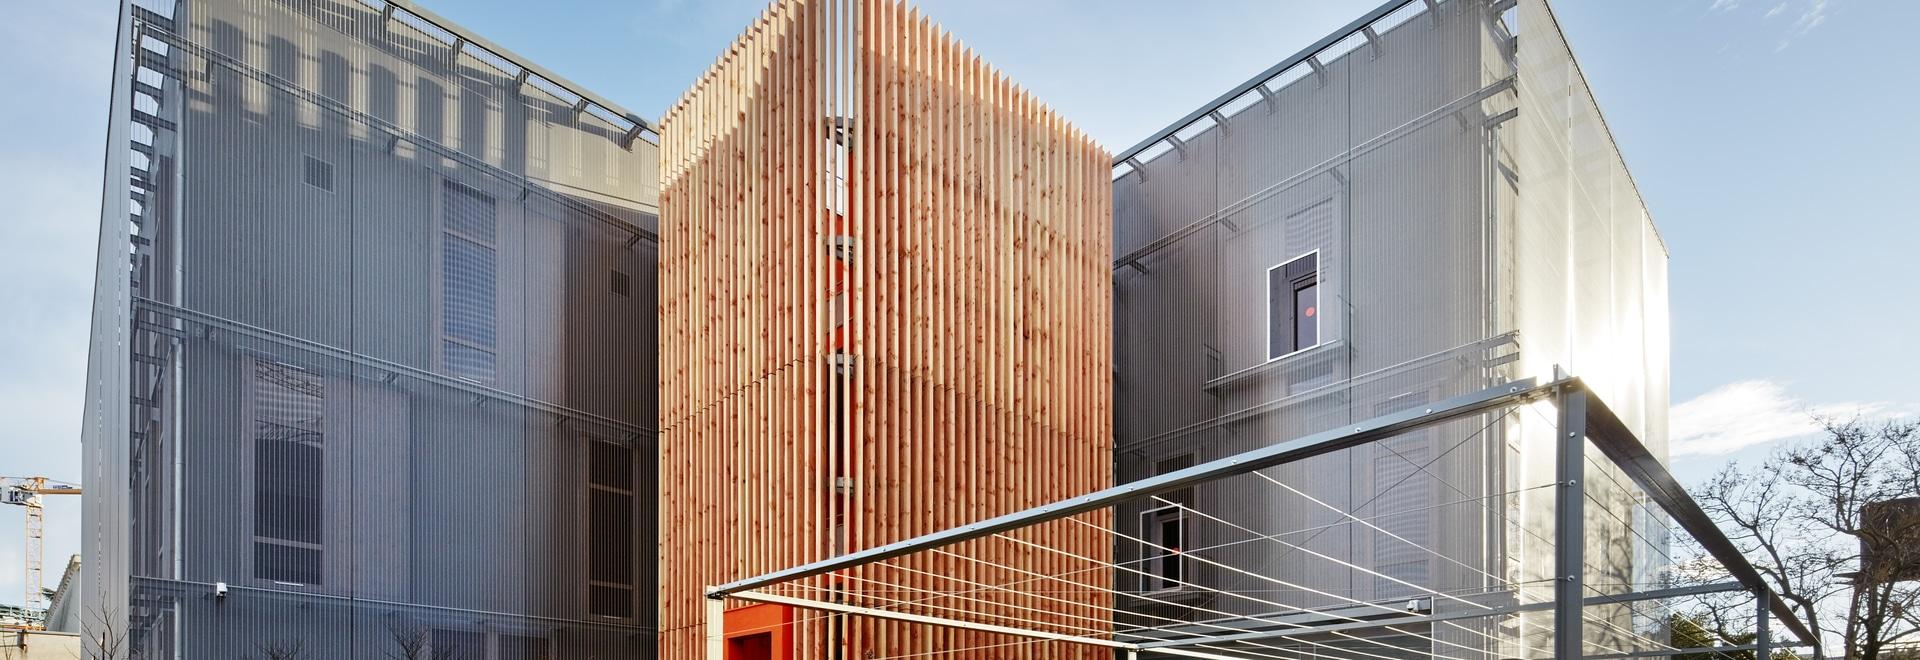 Transparent facade cladding - Data Center Rock